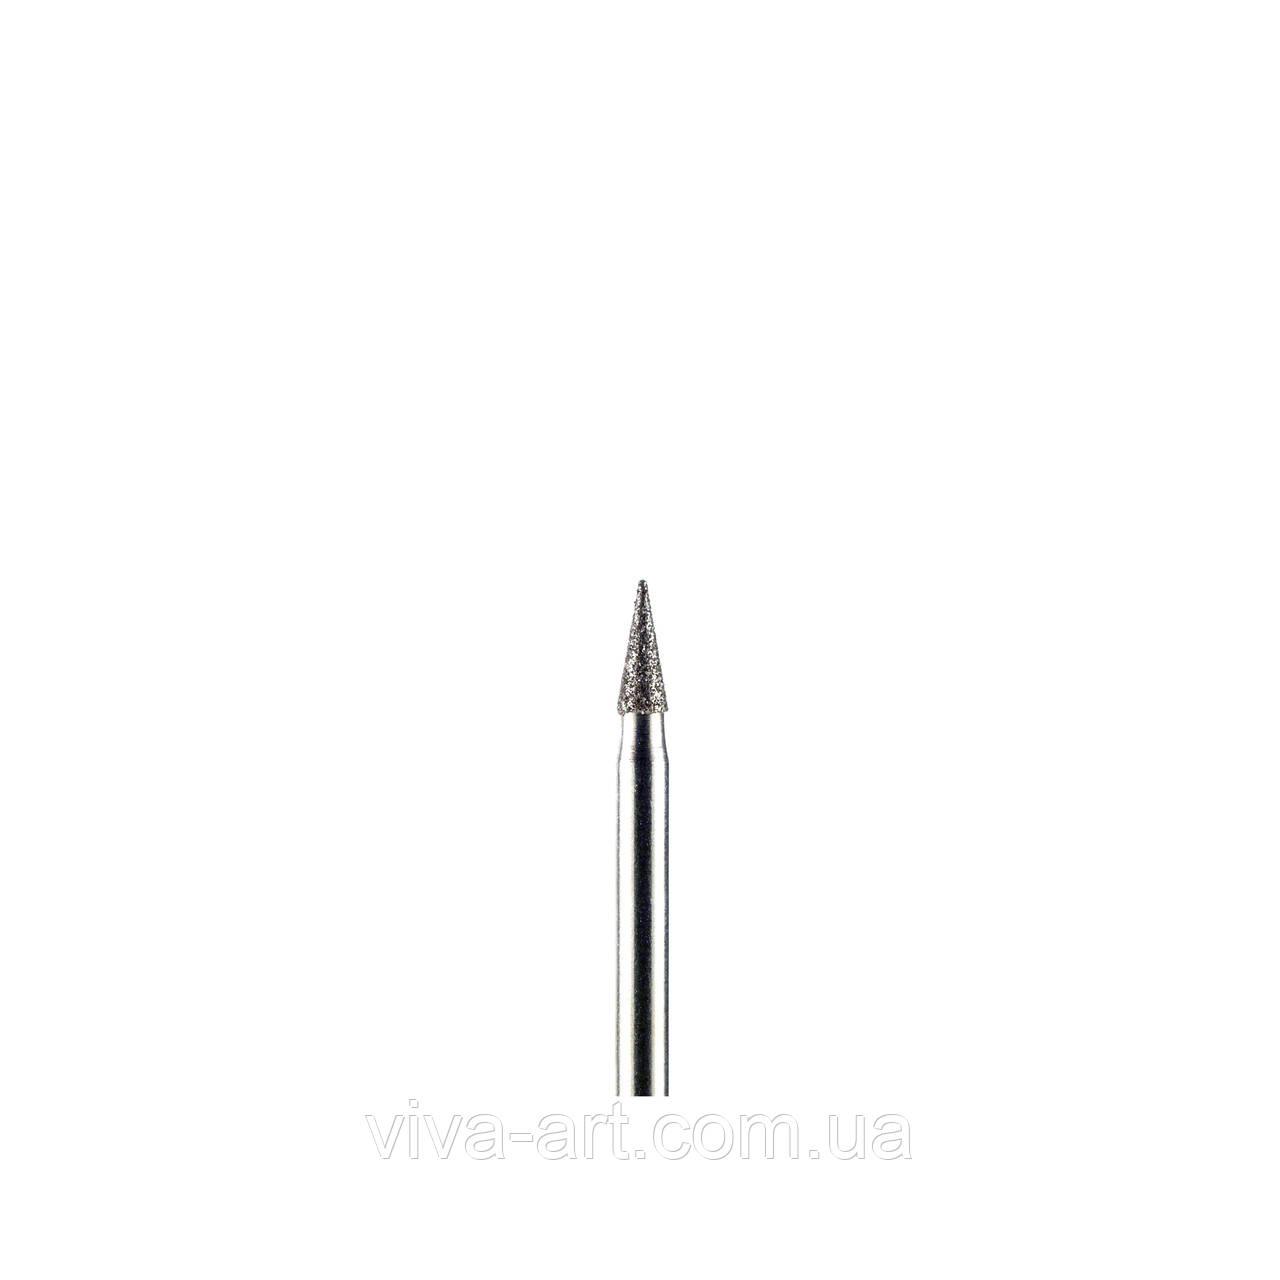 Алмазна насадка конус загострений, 2.3 мм, середній абразив, Diaswiss (Швейцарія)